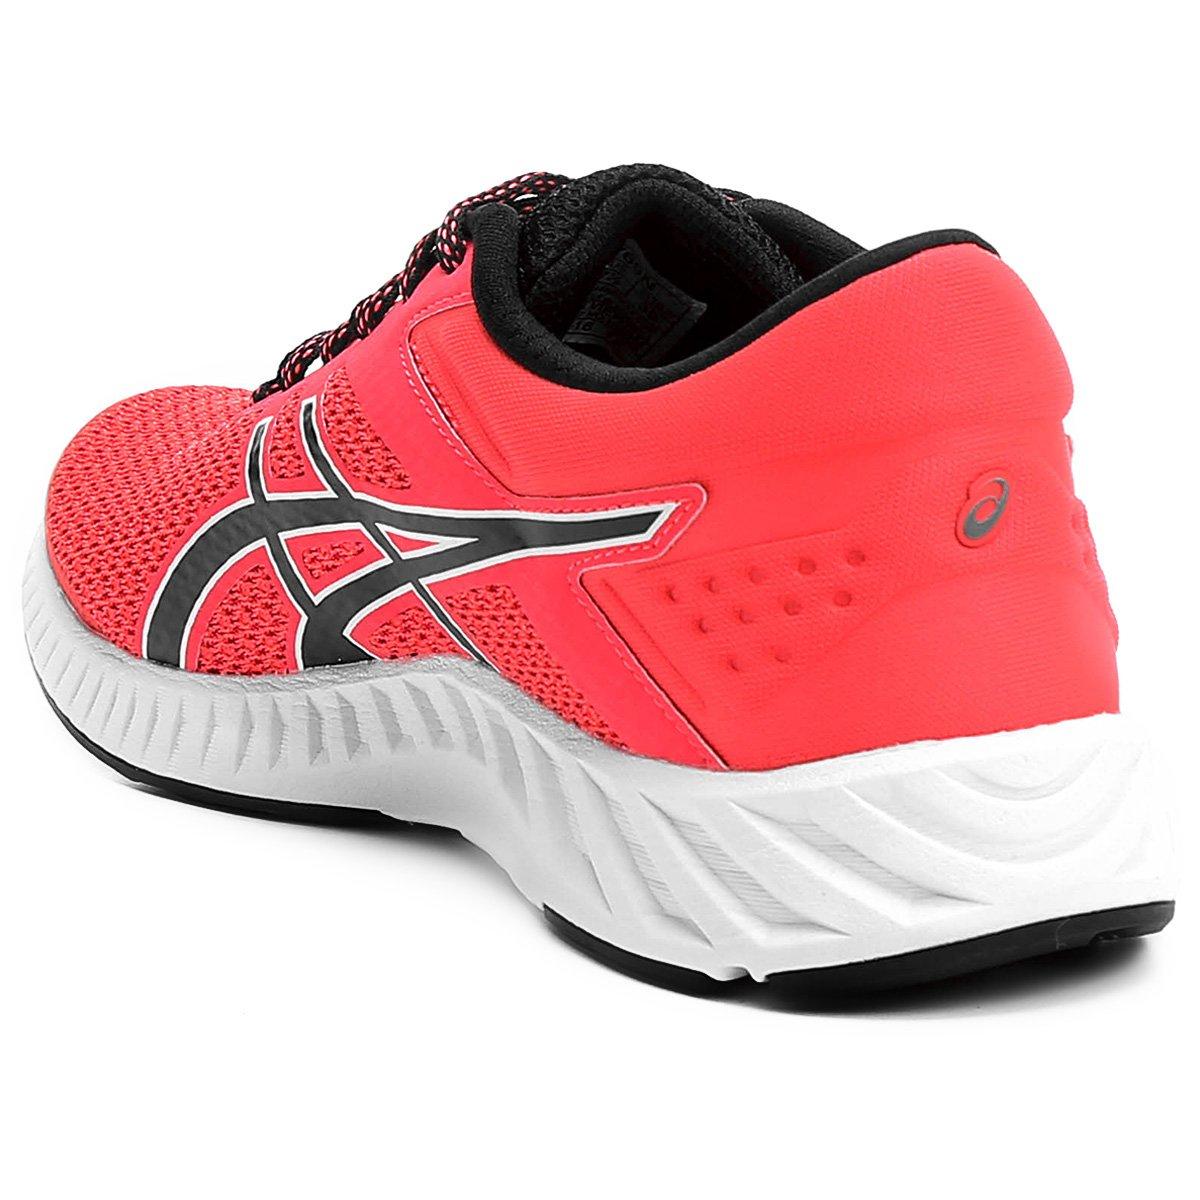 31e2f6b460 Tênis Asics Fuzex Lyte 2 Feminino - Pink e Preto - Compre Agora ...